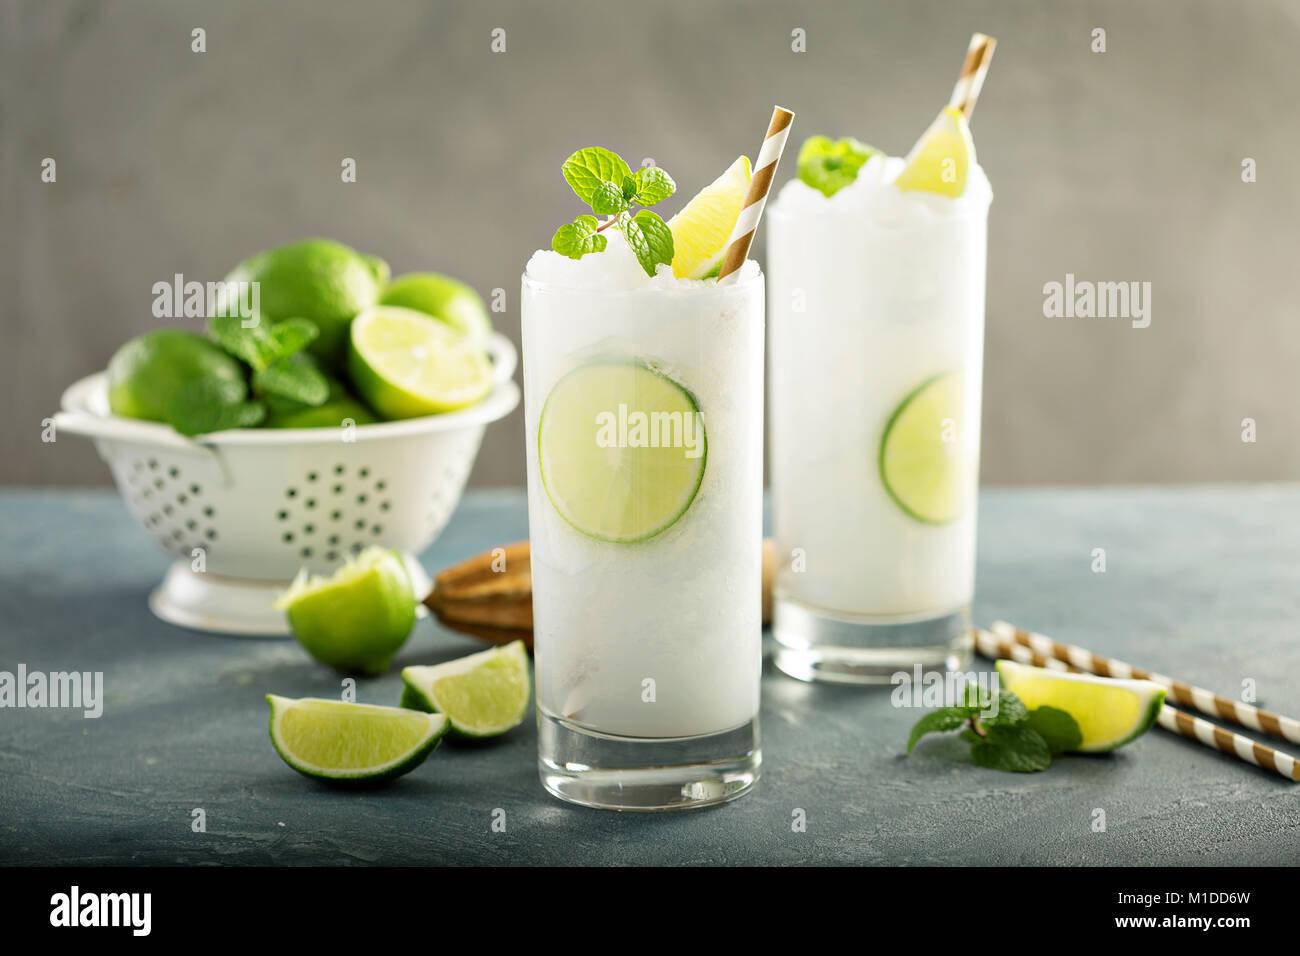 Lime rafraîchissante refroidisseur ou slushie congelé Photo Stock